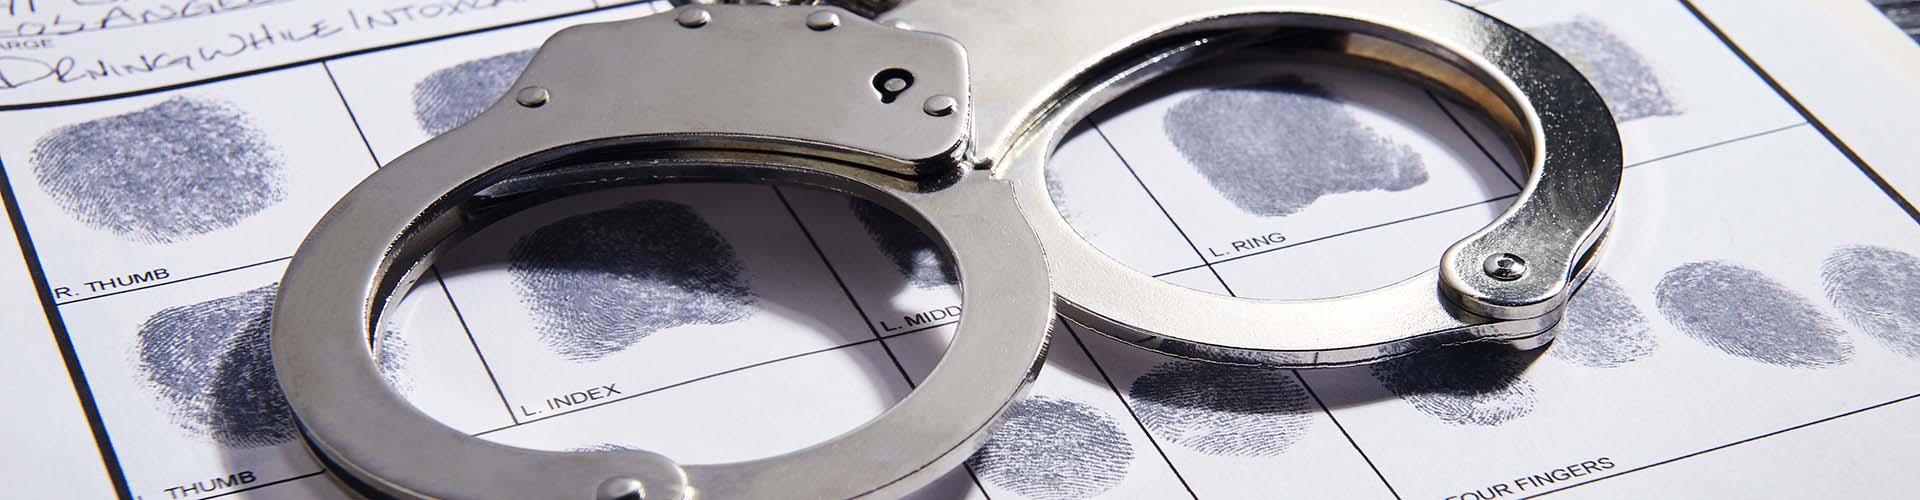 handcuffs-2